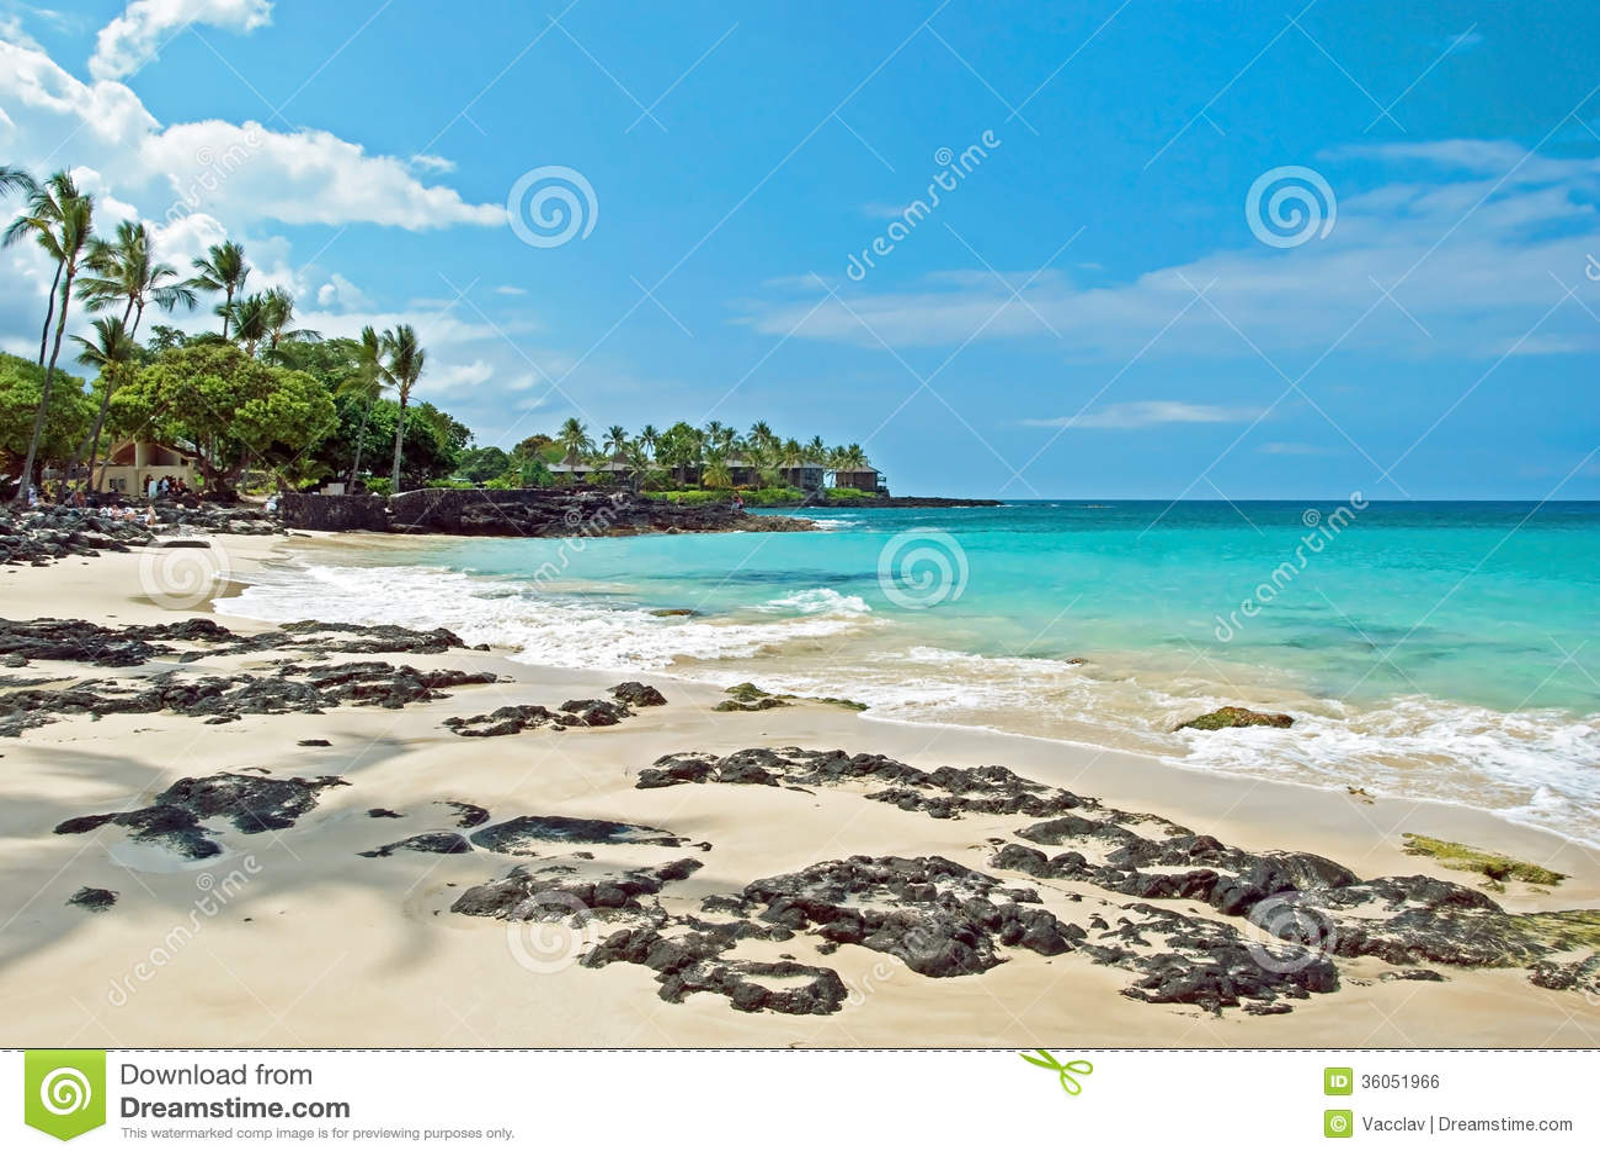 Spiaggia di sabbia bianca sulla grande isola delle Hawai con l oceano azzurrato nel backgr